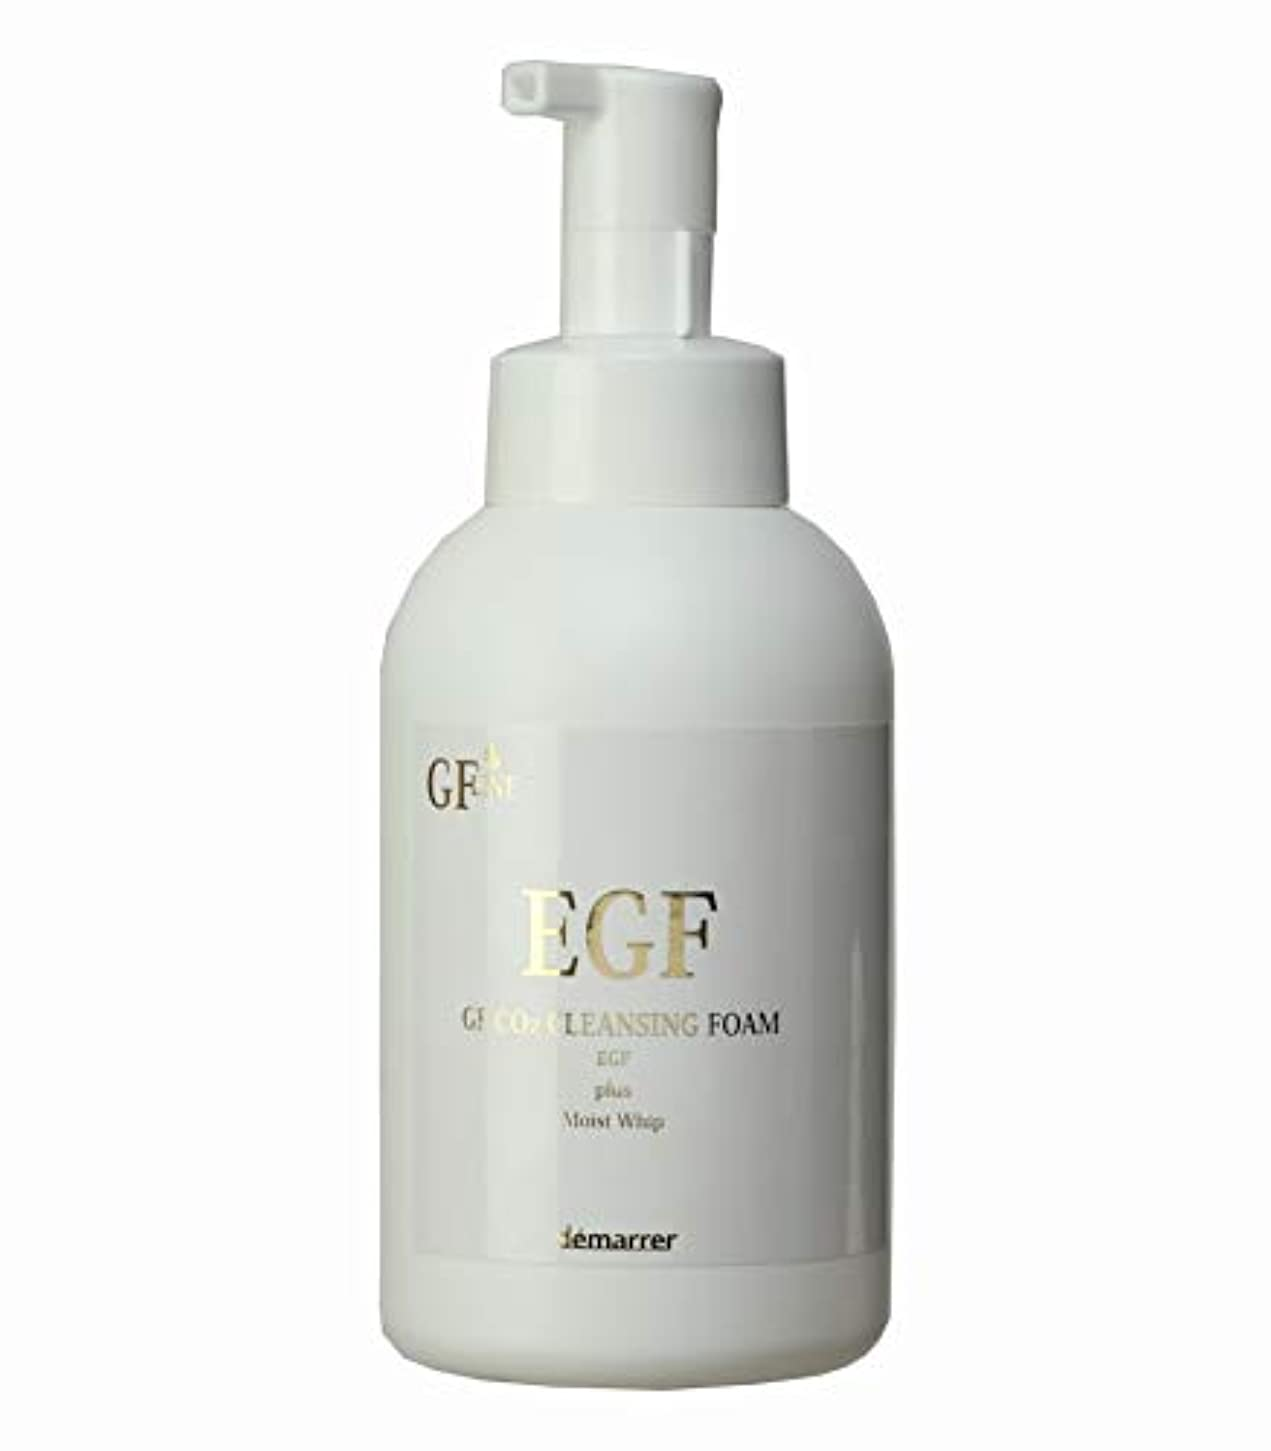 しょっぱいタヒチ実際のデマレ GF炭酸洗顔フォーム 500ml